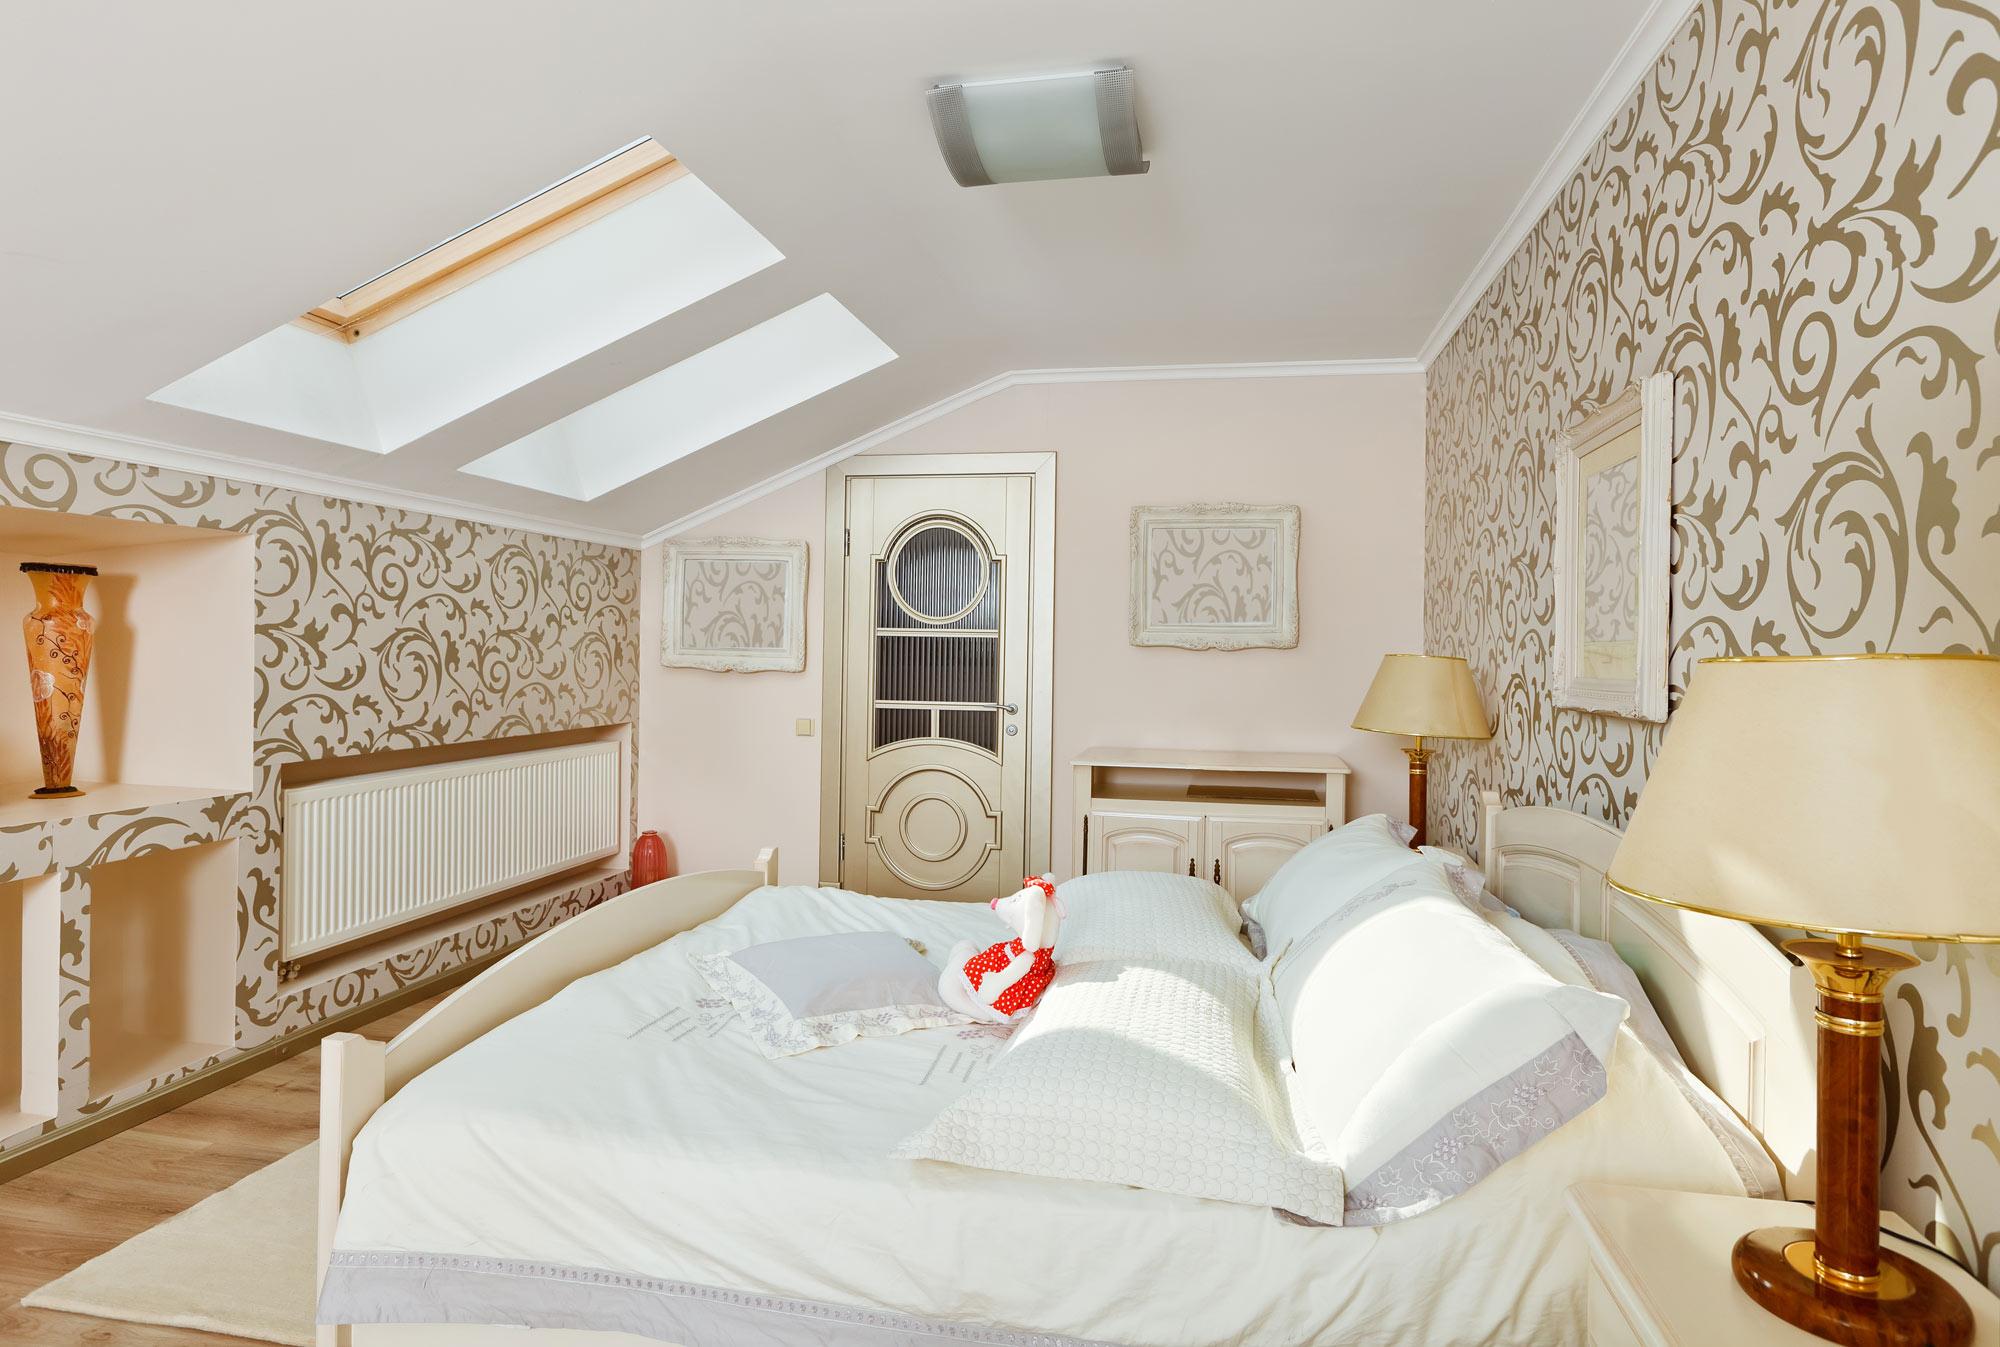 Schlafzimmer Ideen Schrage Ideen Milt S Dekor